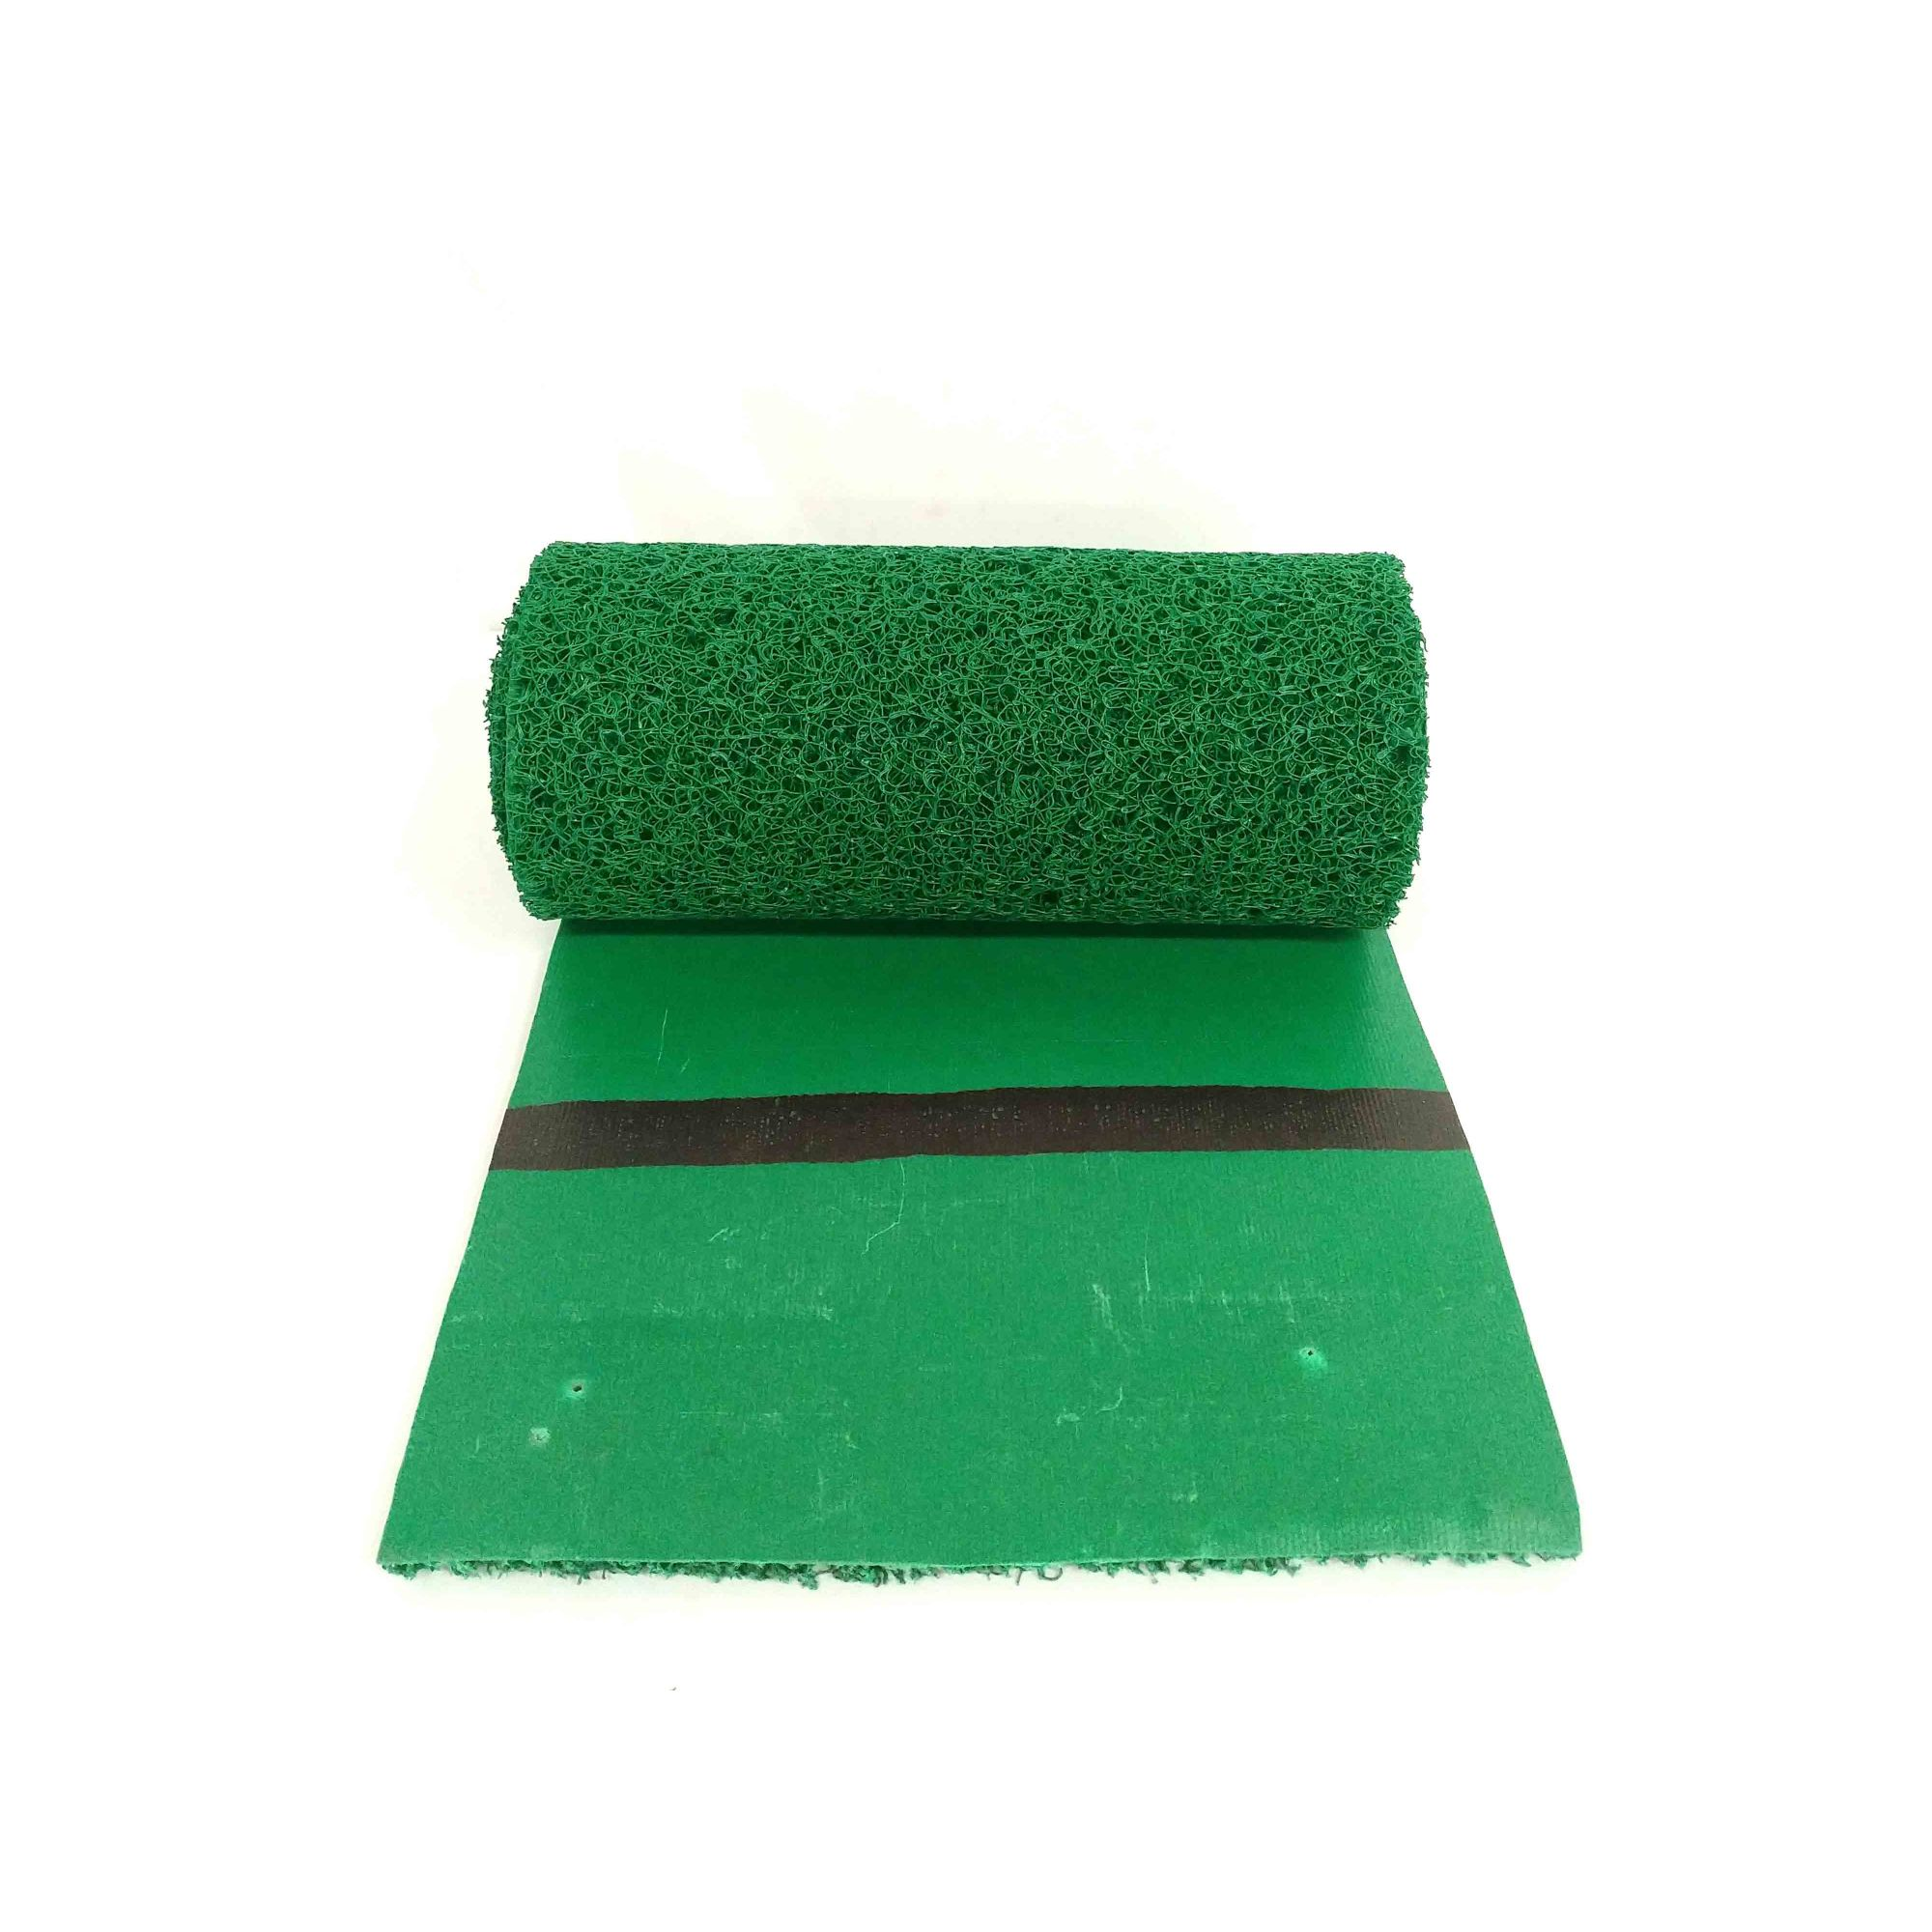 Carpete para Garimpo de Ouro - Vinil Gold 10 mm Espessura - Verde Bandeira | 25 cm a 60 cm